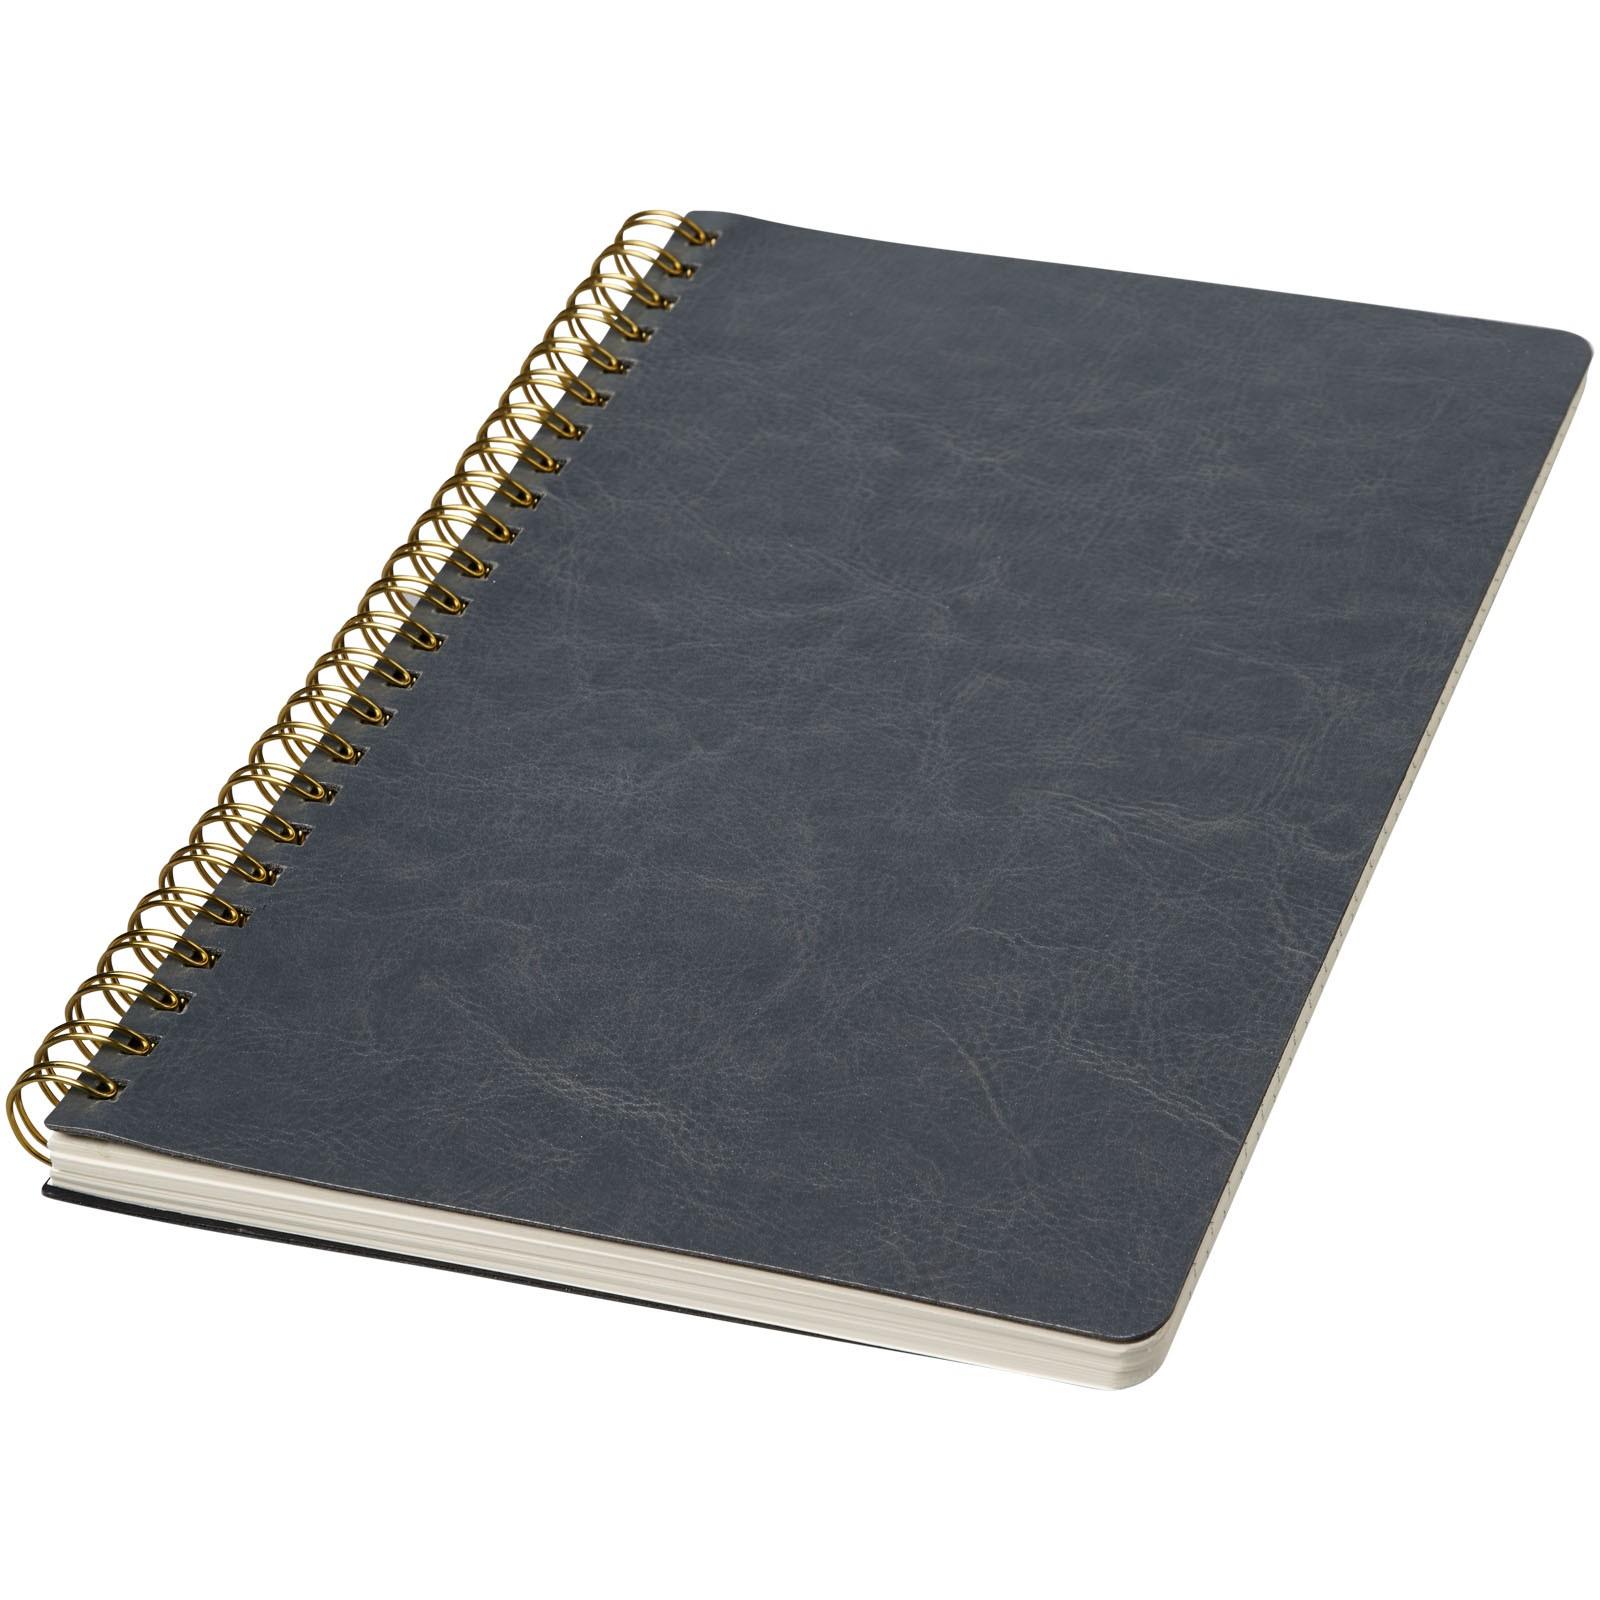 Deník A5 Spiraly s koženým vzhledem - Šedá